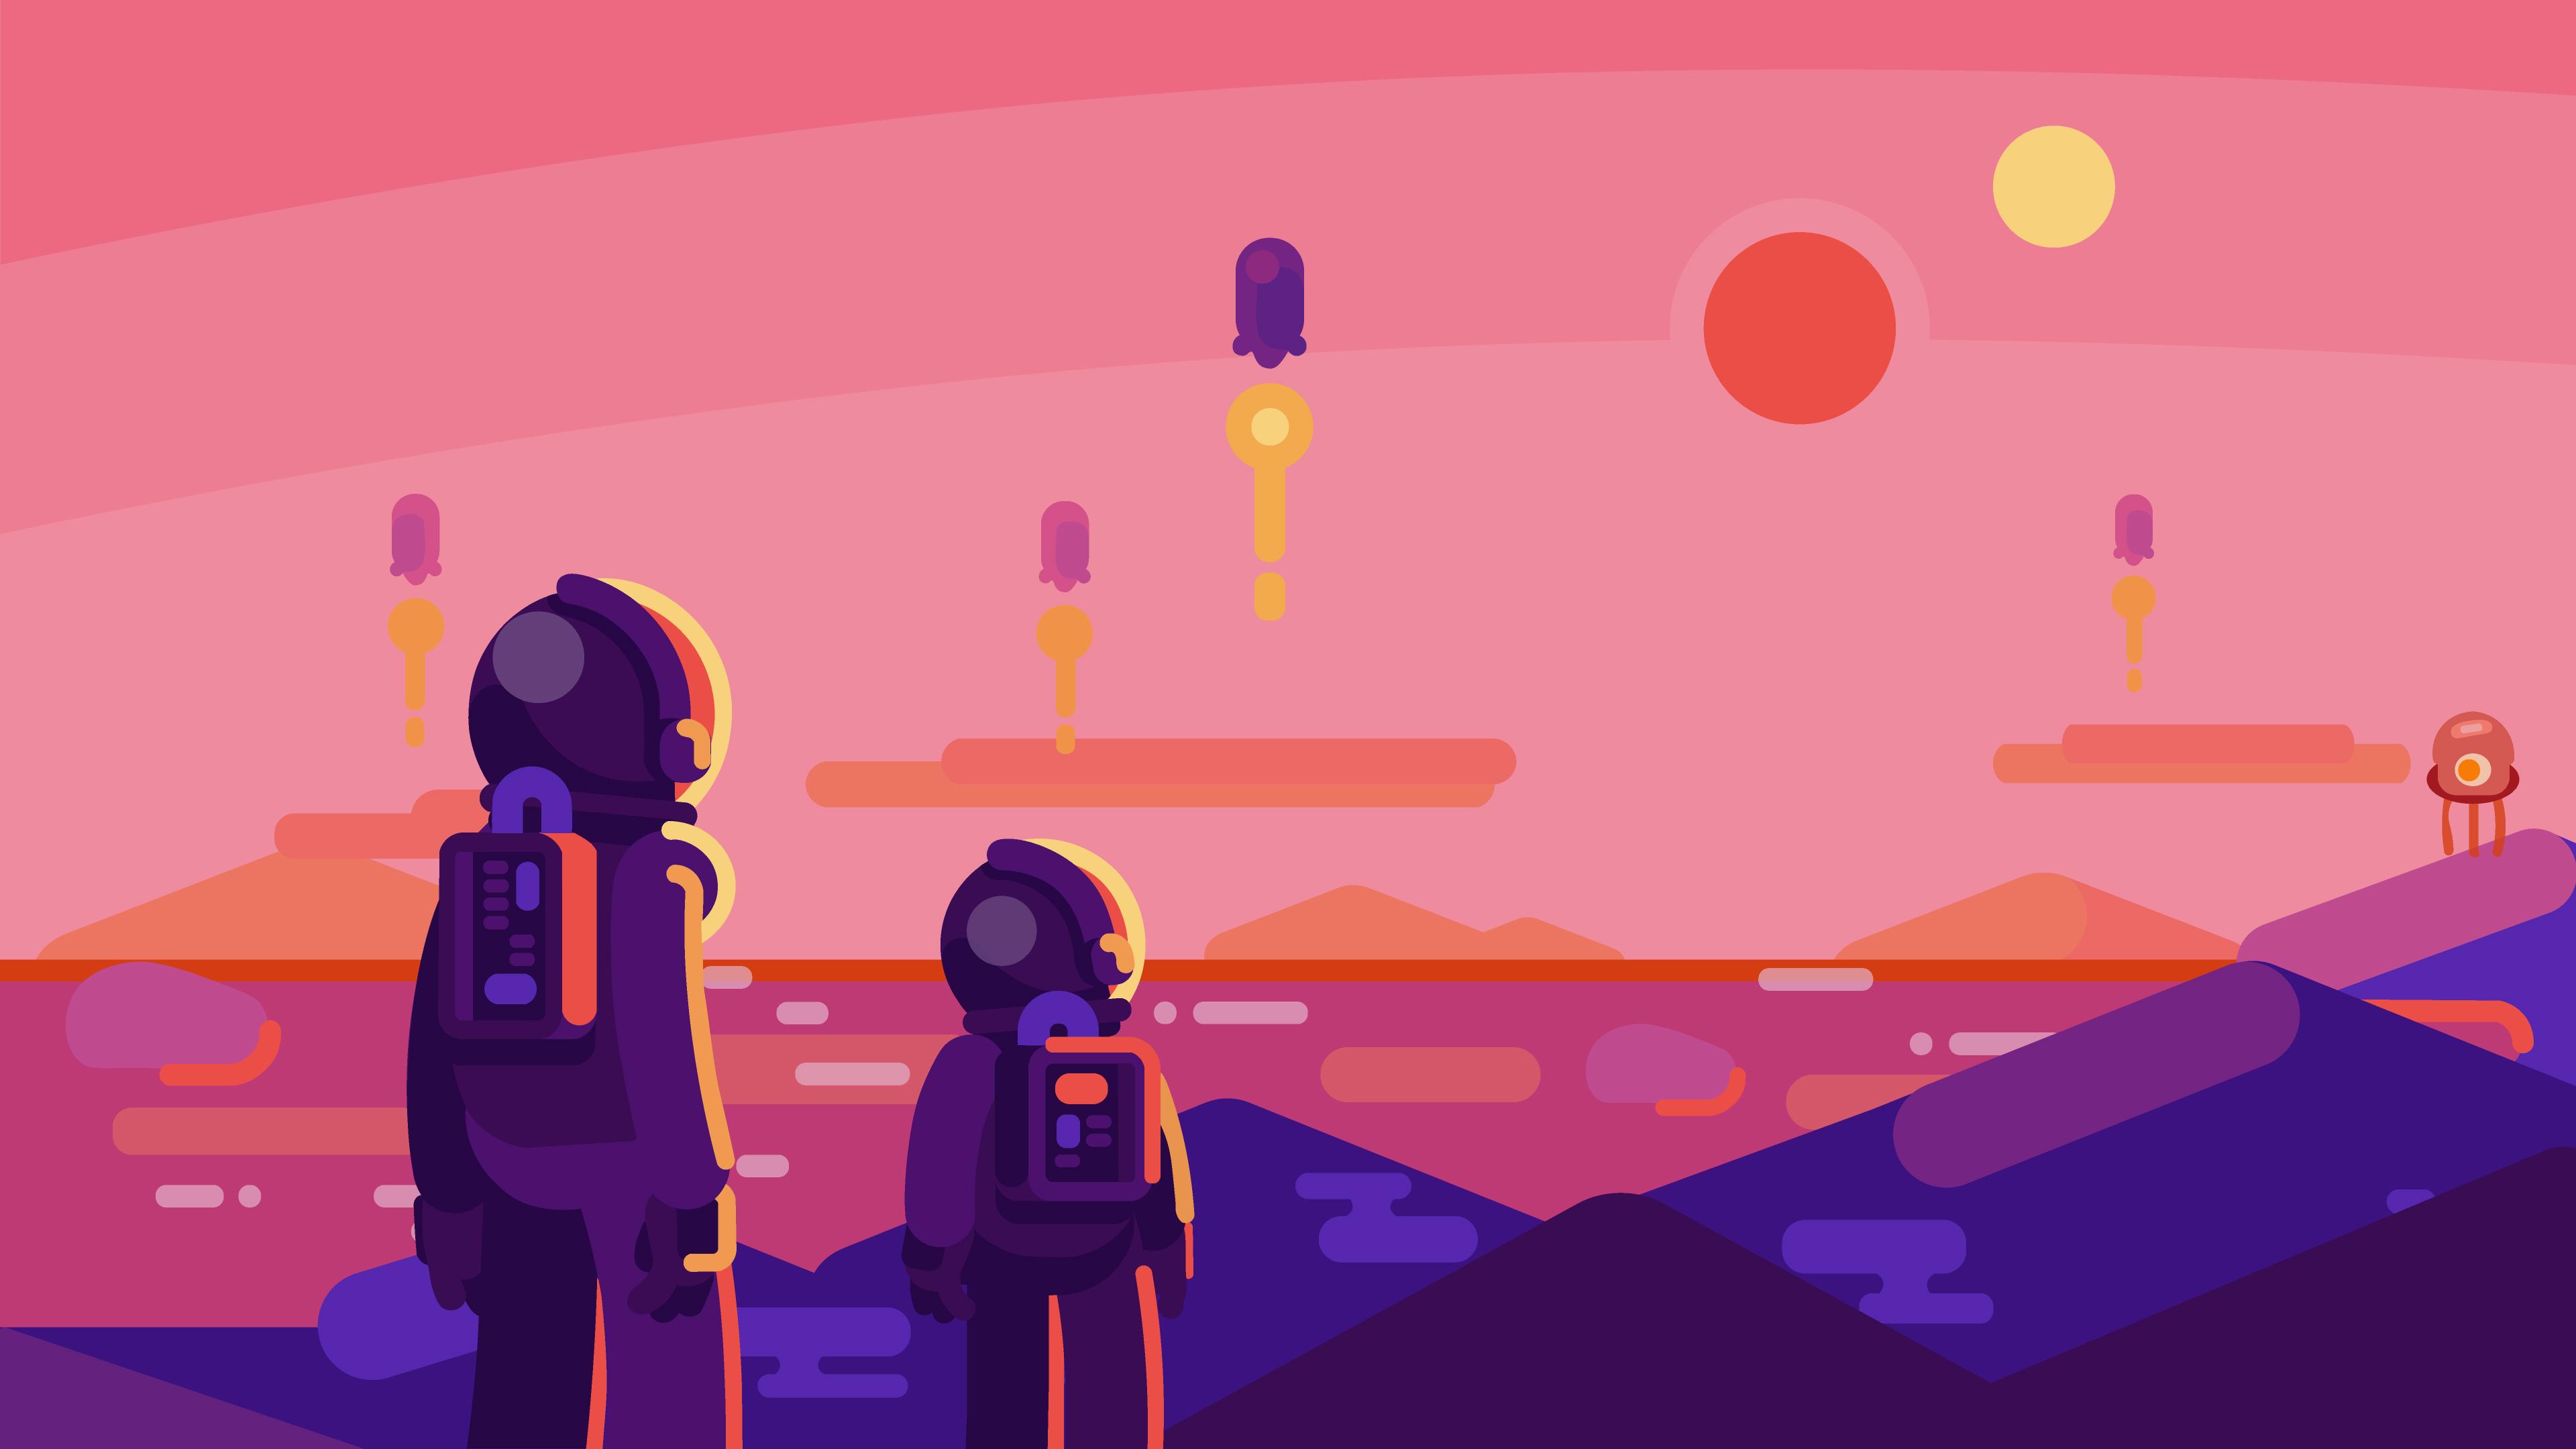 Wallpaper 4k Astronaut Landscape 4k 4k Wallpapers Artist Wallpapers Artwork Wallpapers Astronaut Wallpapers Digital Art Wallpapers Hd Wallpapers